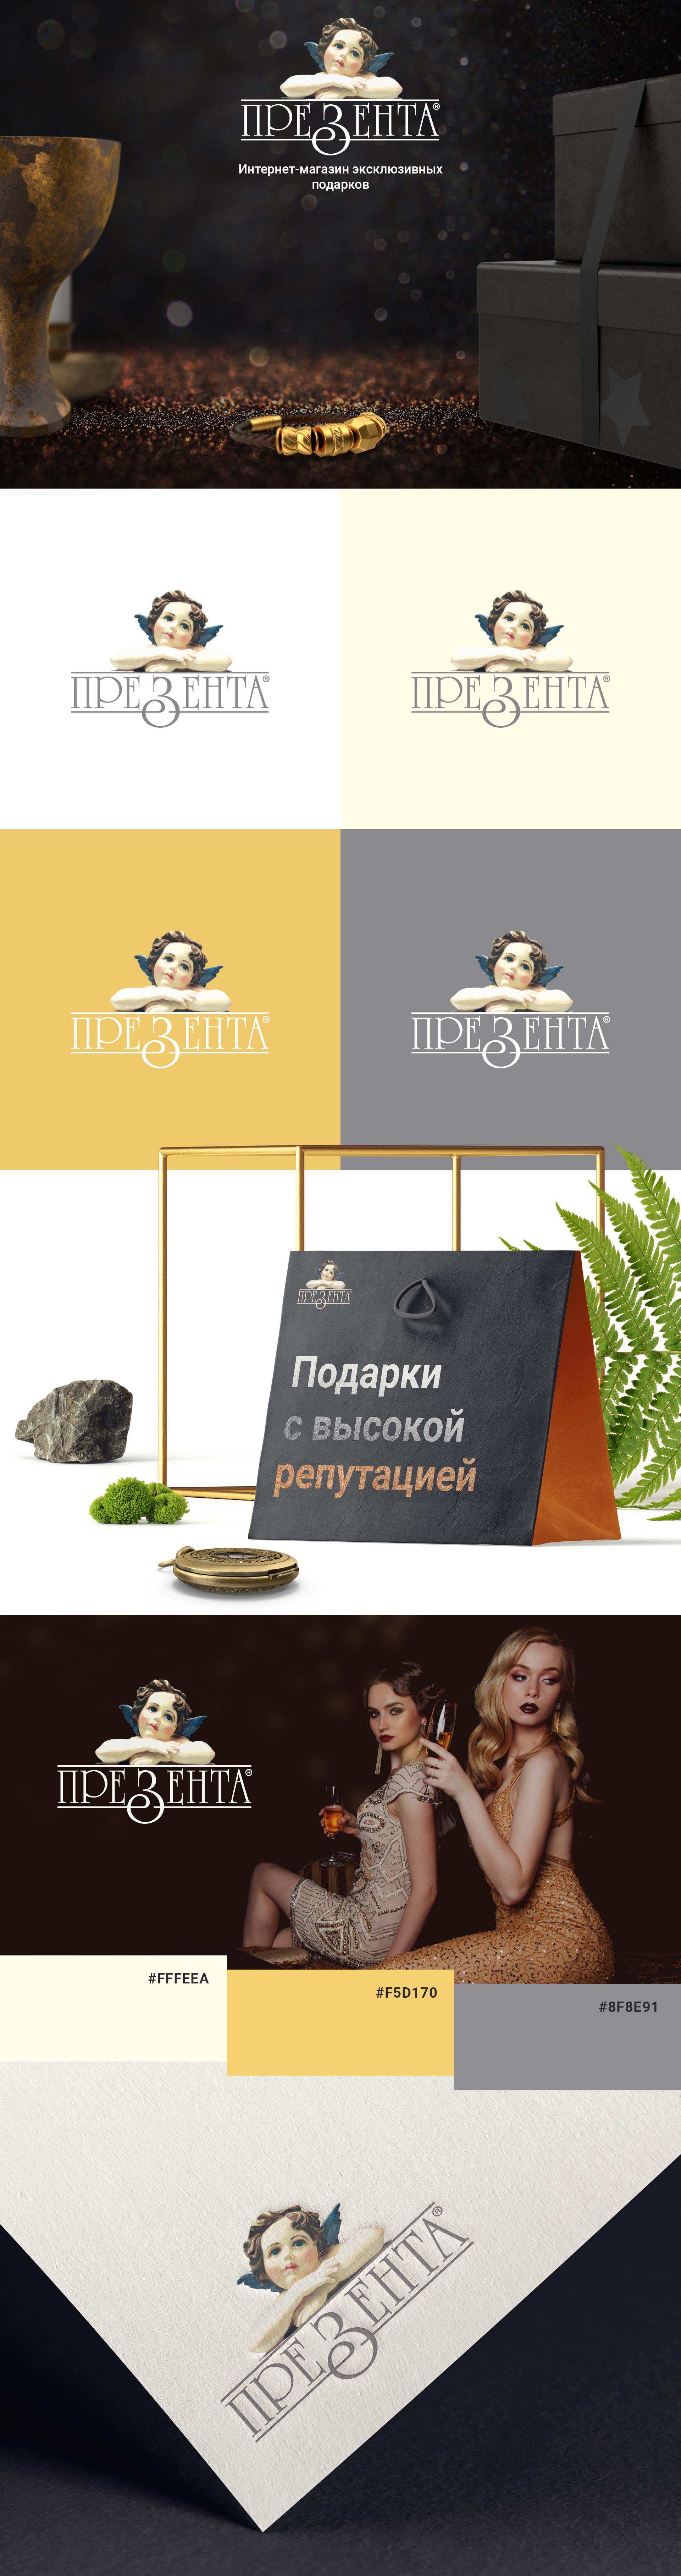 Інтернет-магазин ексклюзивних подарунків і предметів Presenta